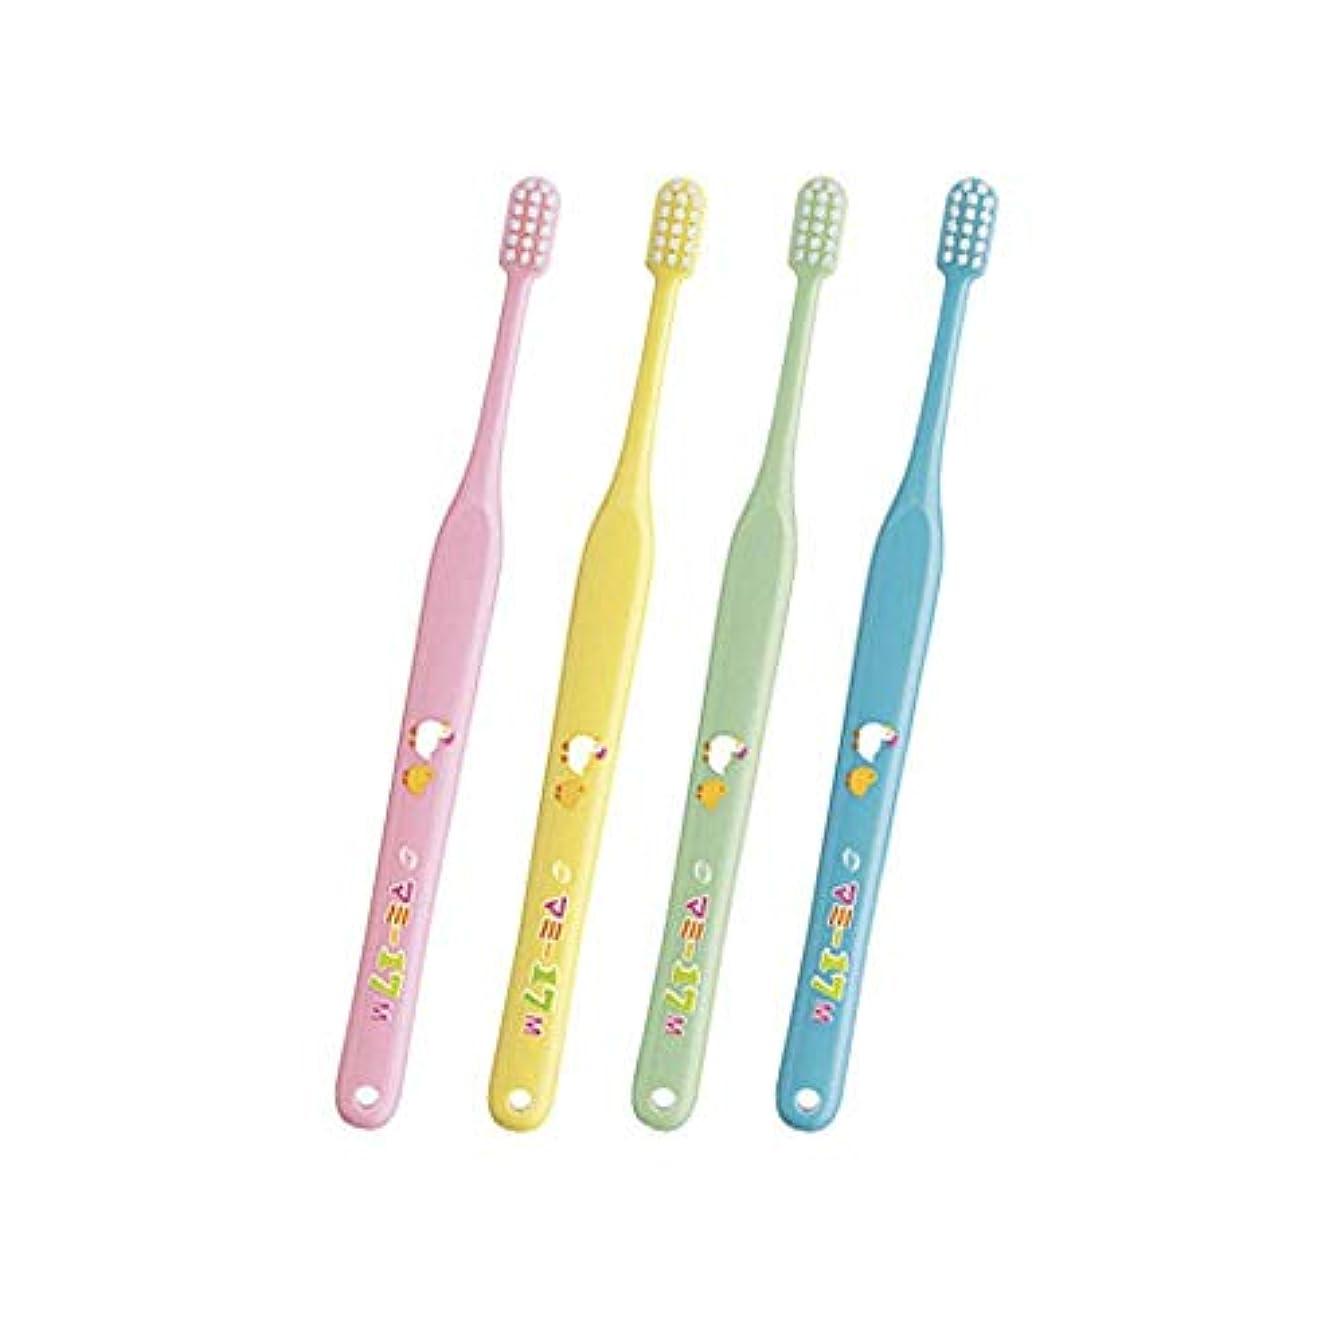 明らかに怖がらせる試用オーラルケア マミー17歯ブラシ 10本 アソート ミディアム(M)